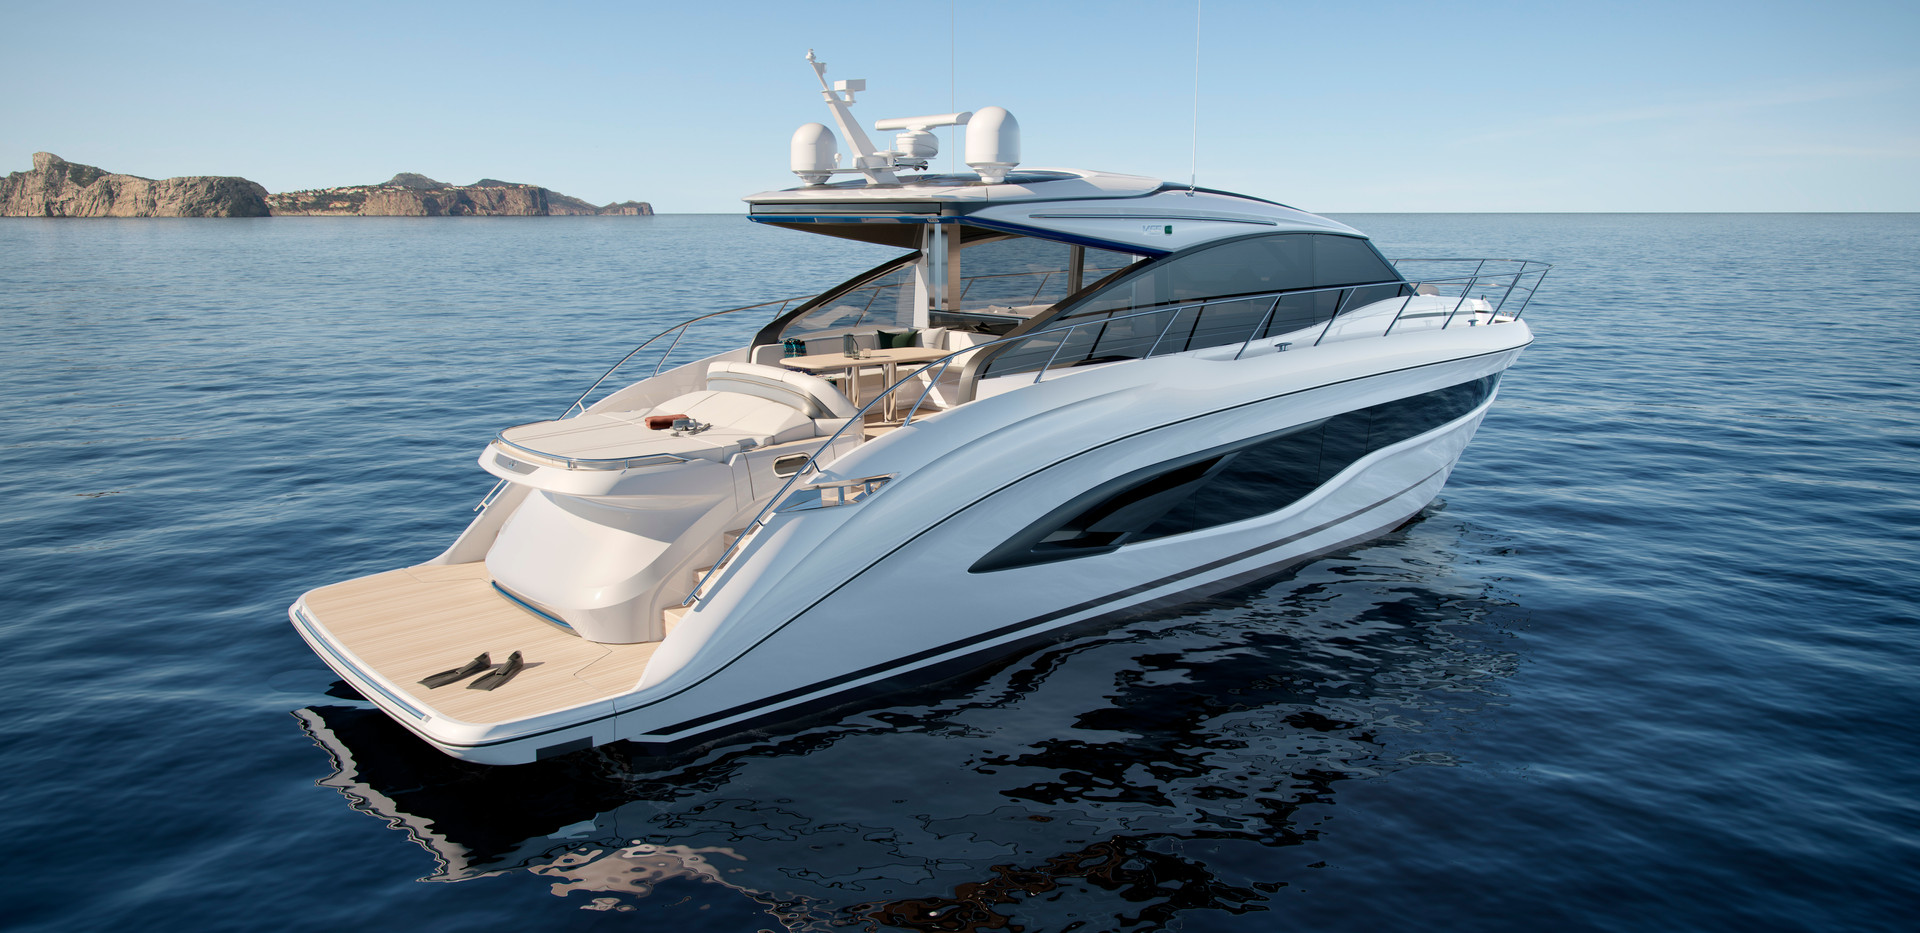 v55-exterior-white-hull-cgi-2.jpg